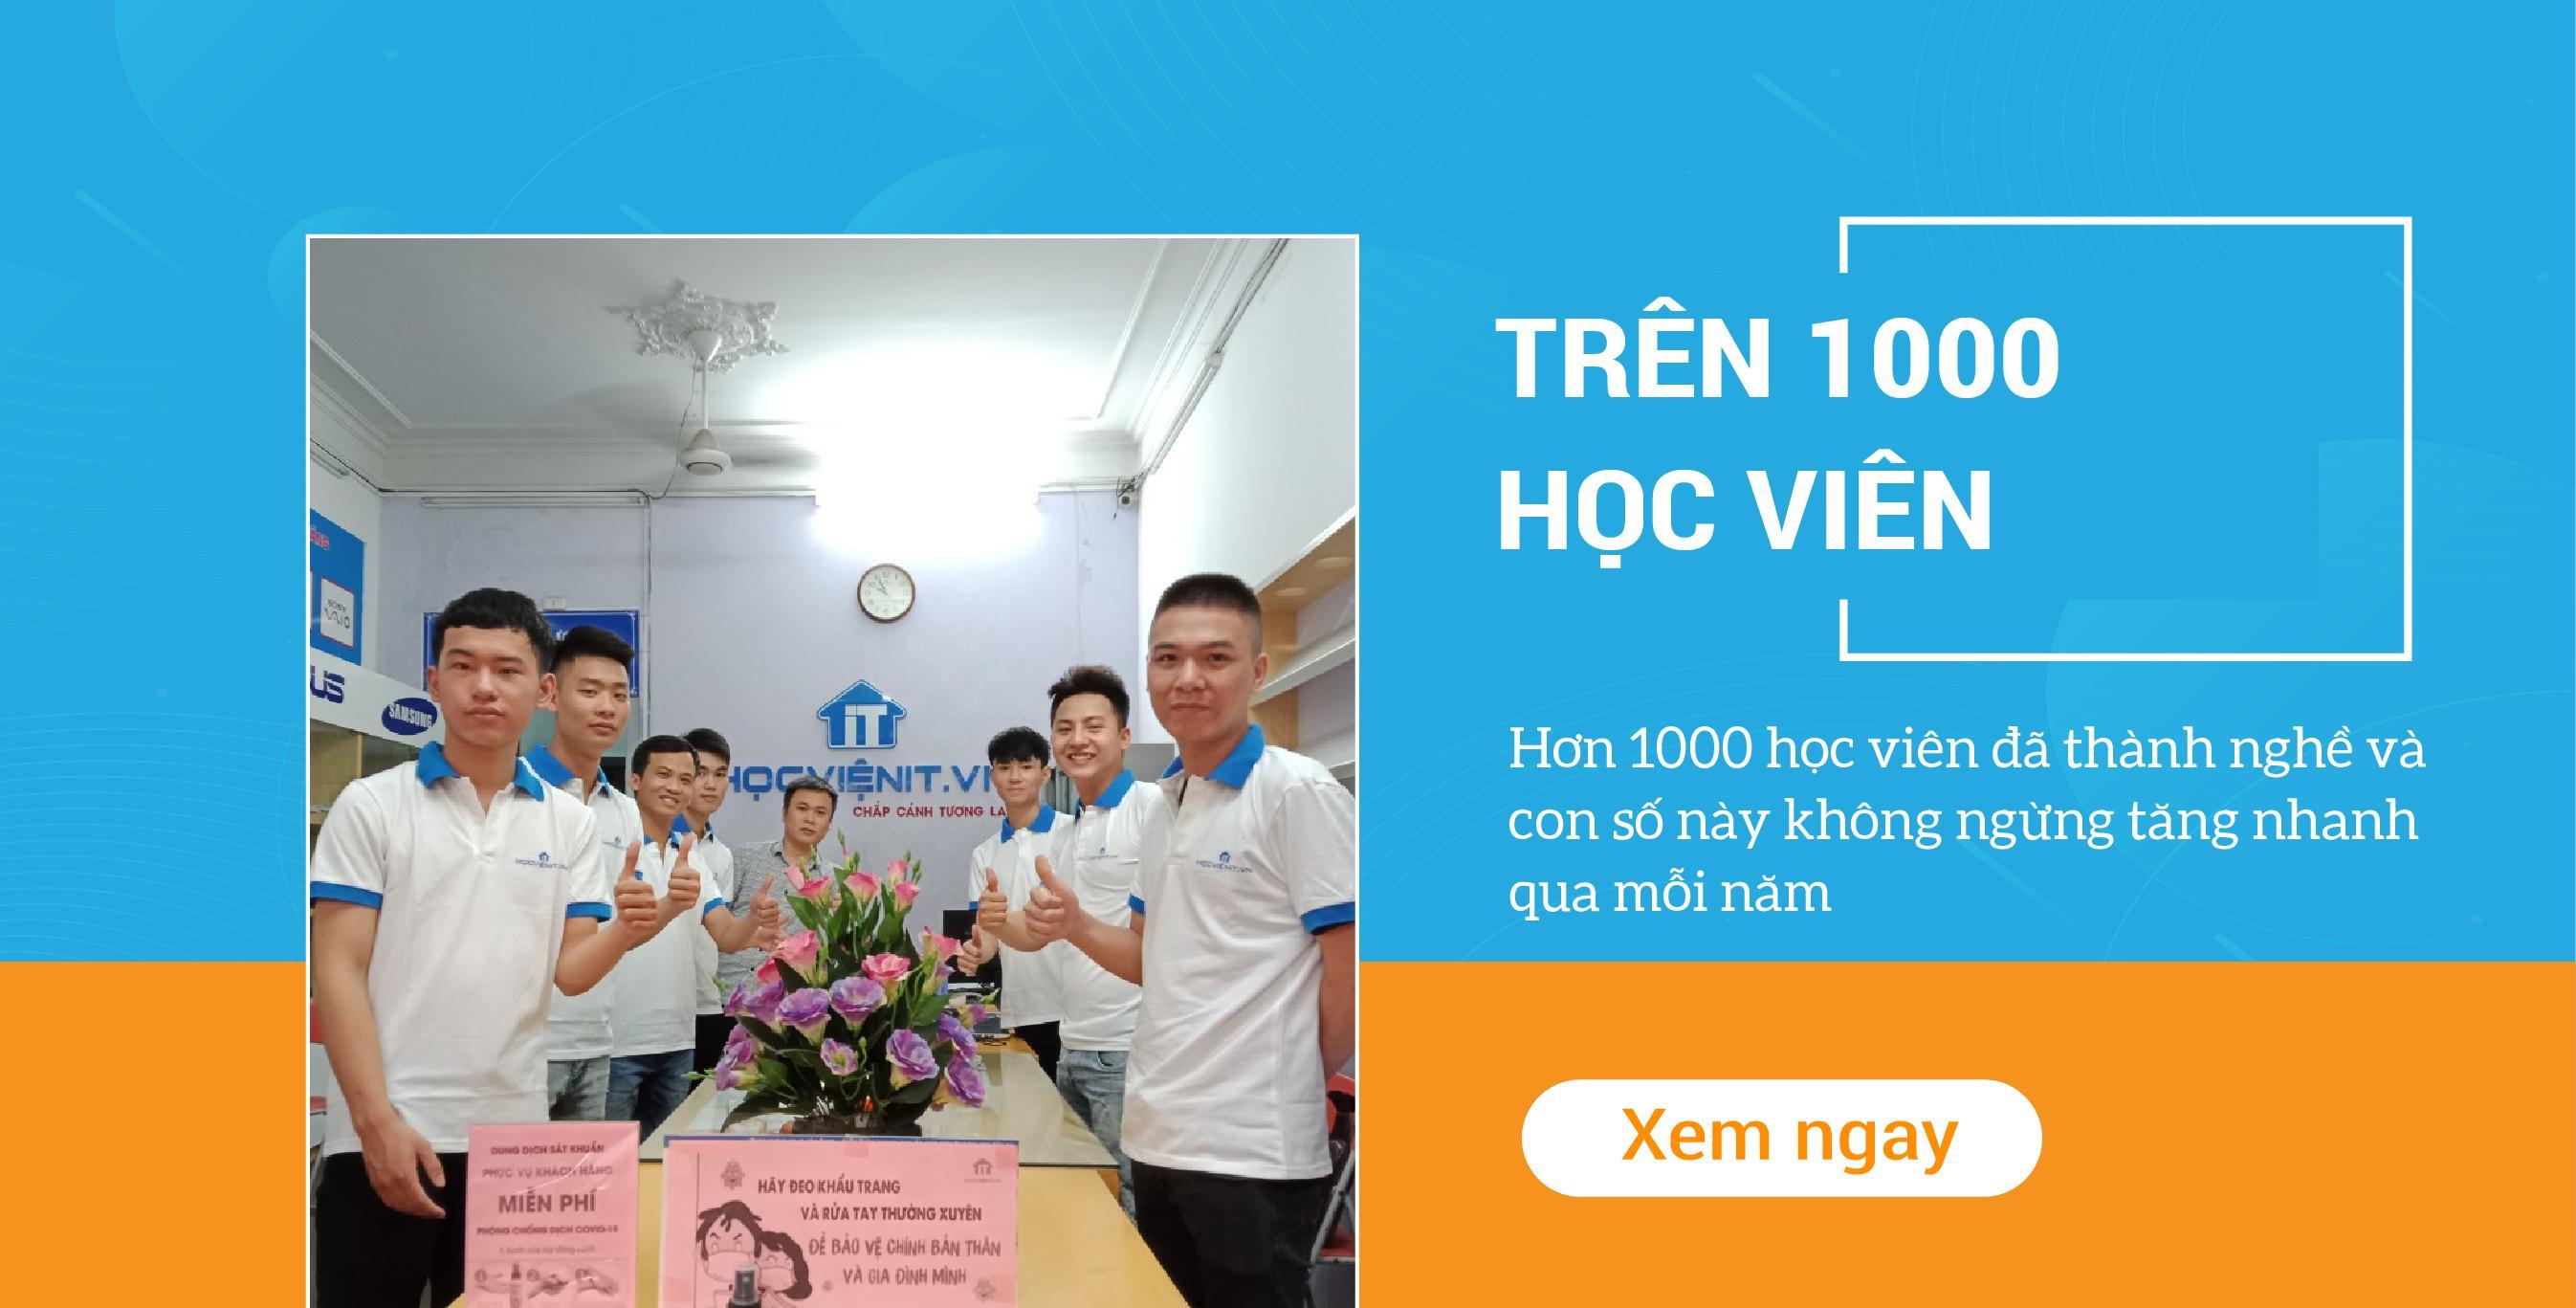 TRÊN 1000 HỌC VIÊN